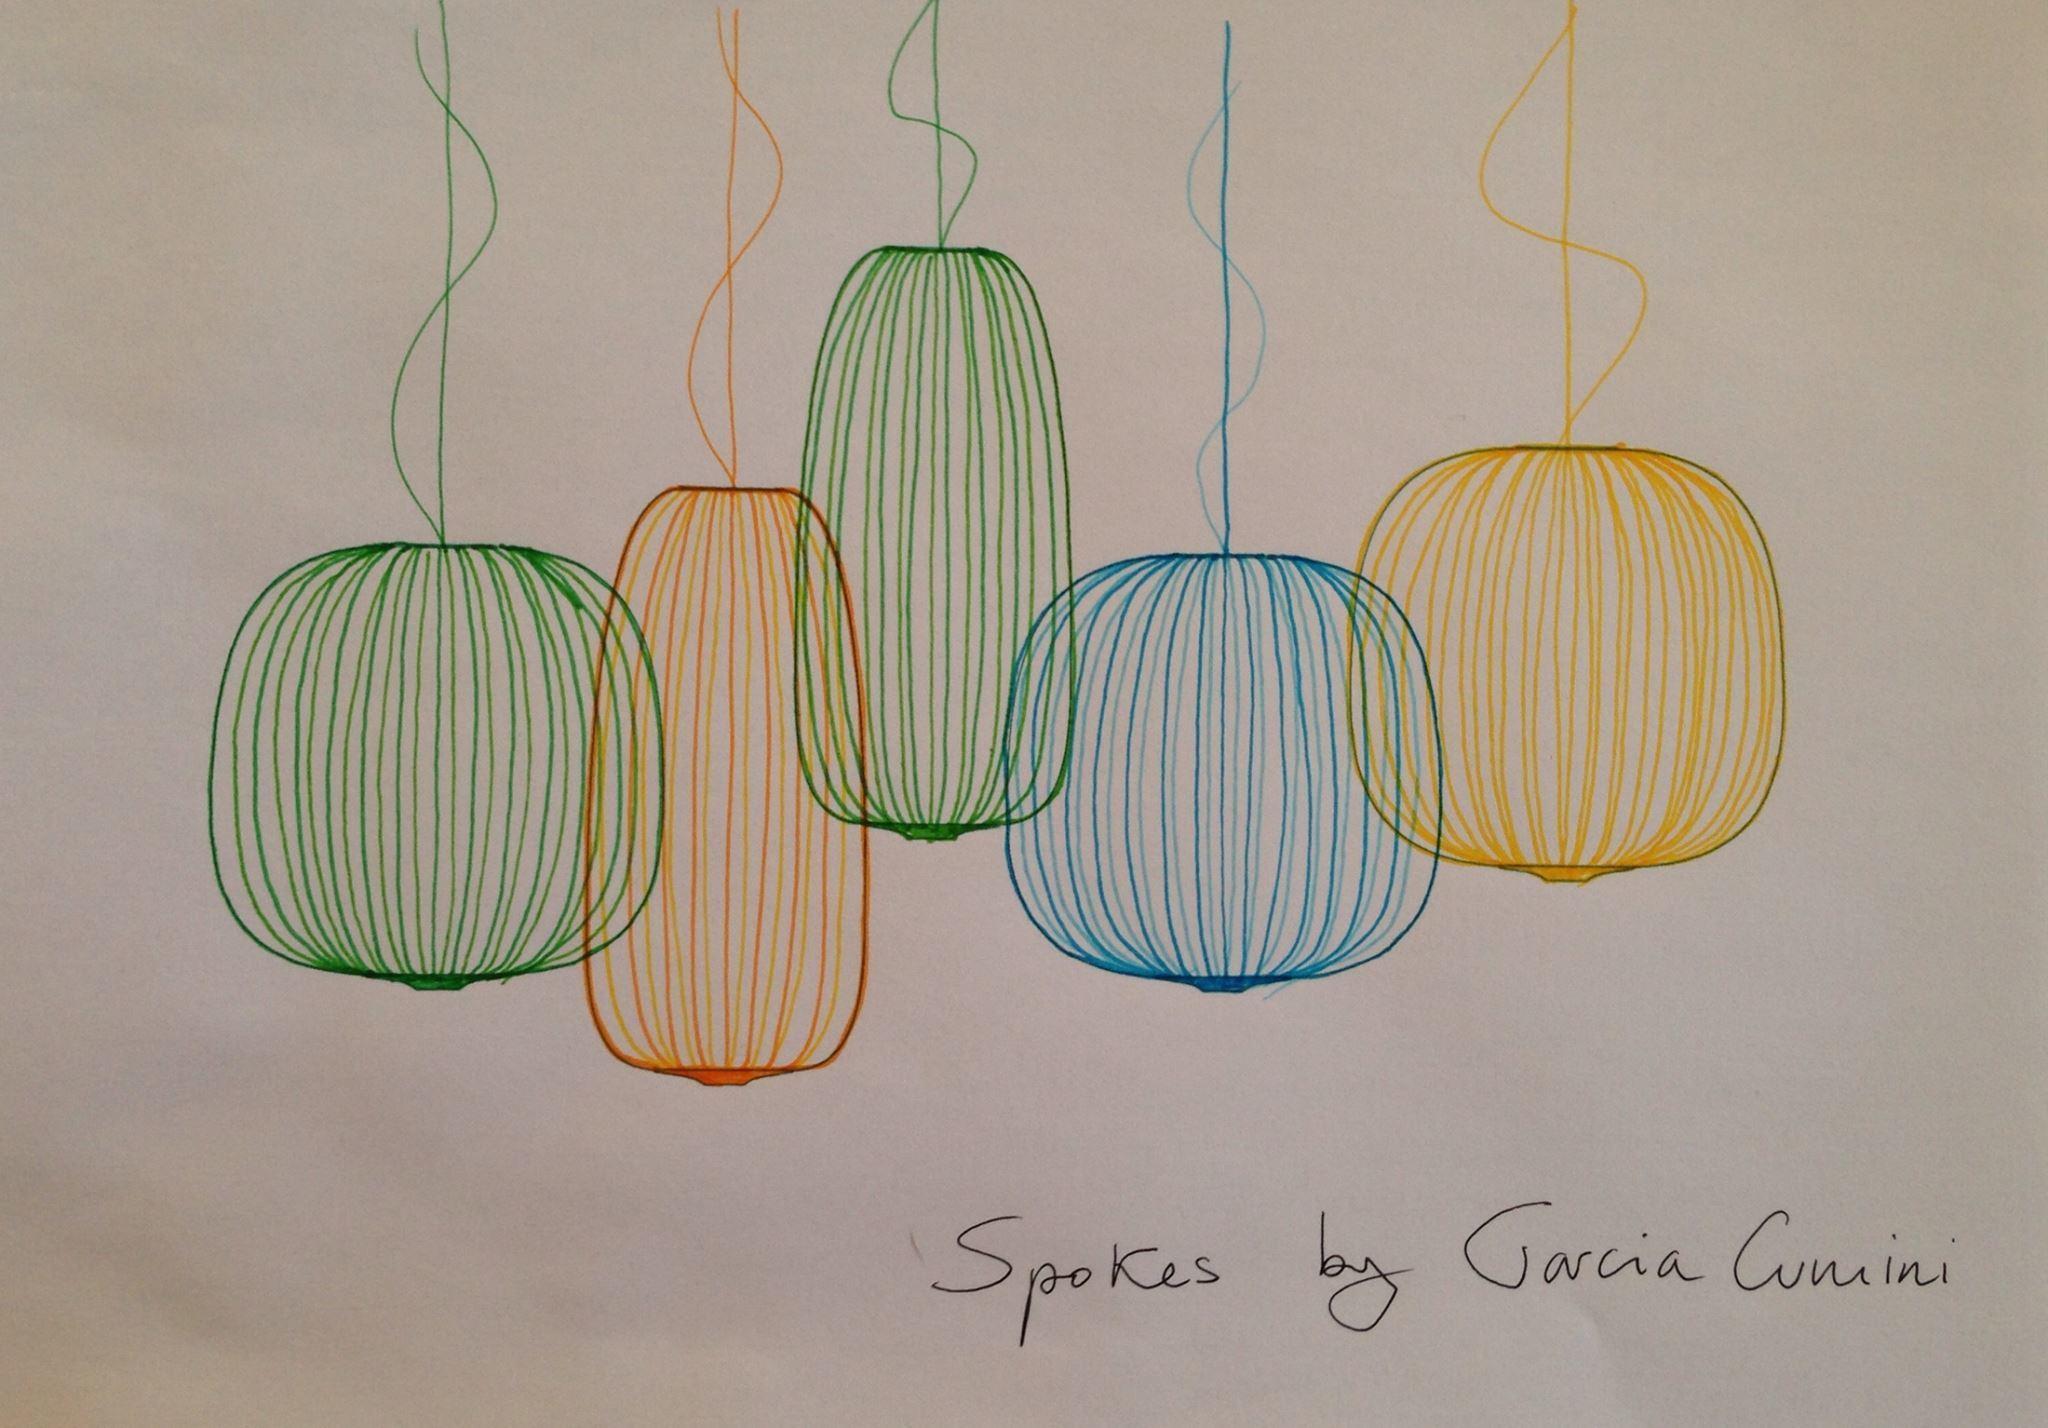 Подвесной светильник копия Spokes 1 by Foscarini (желтый)